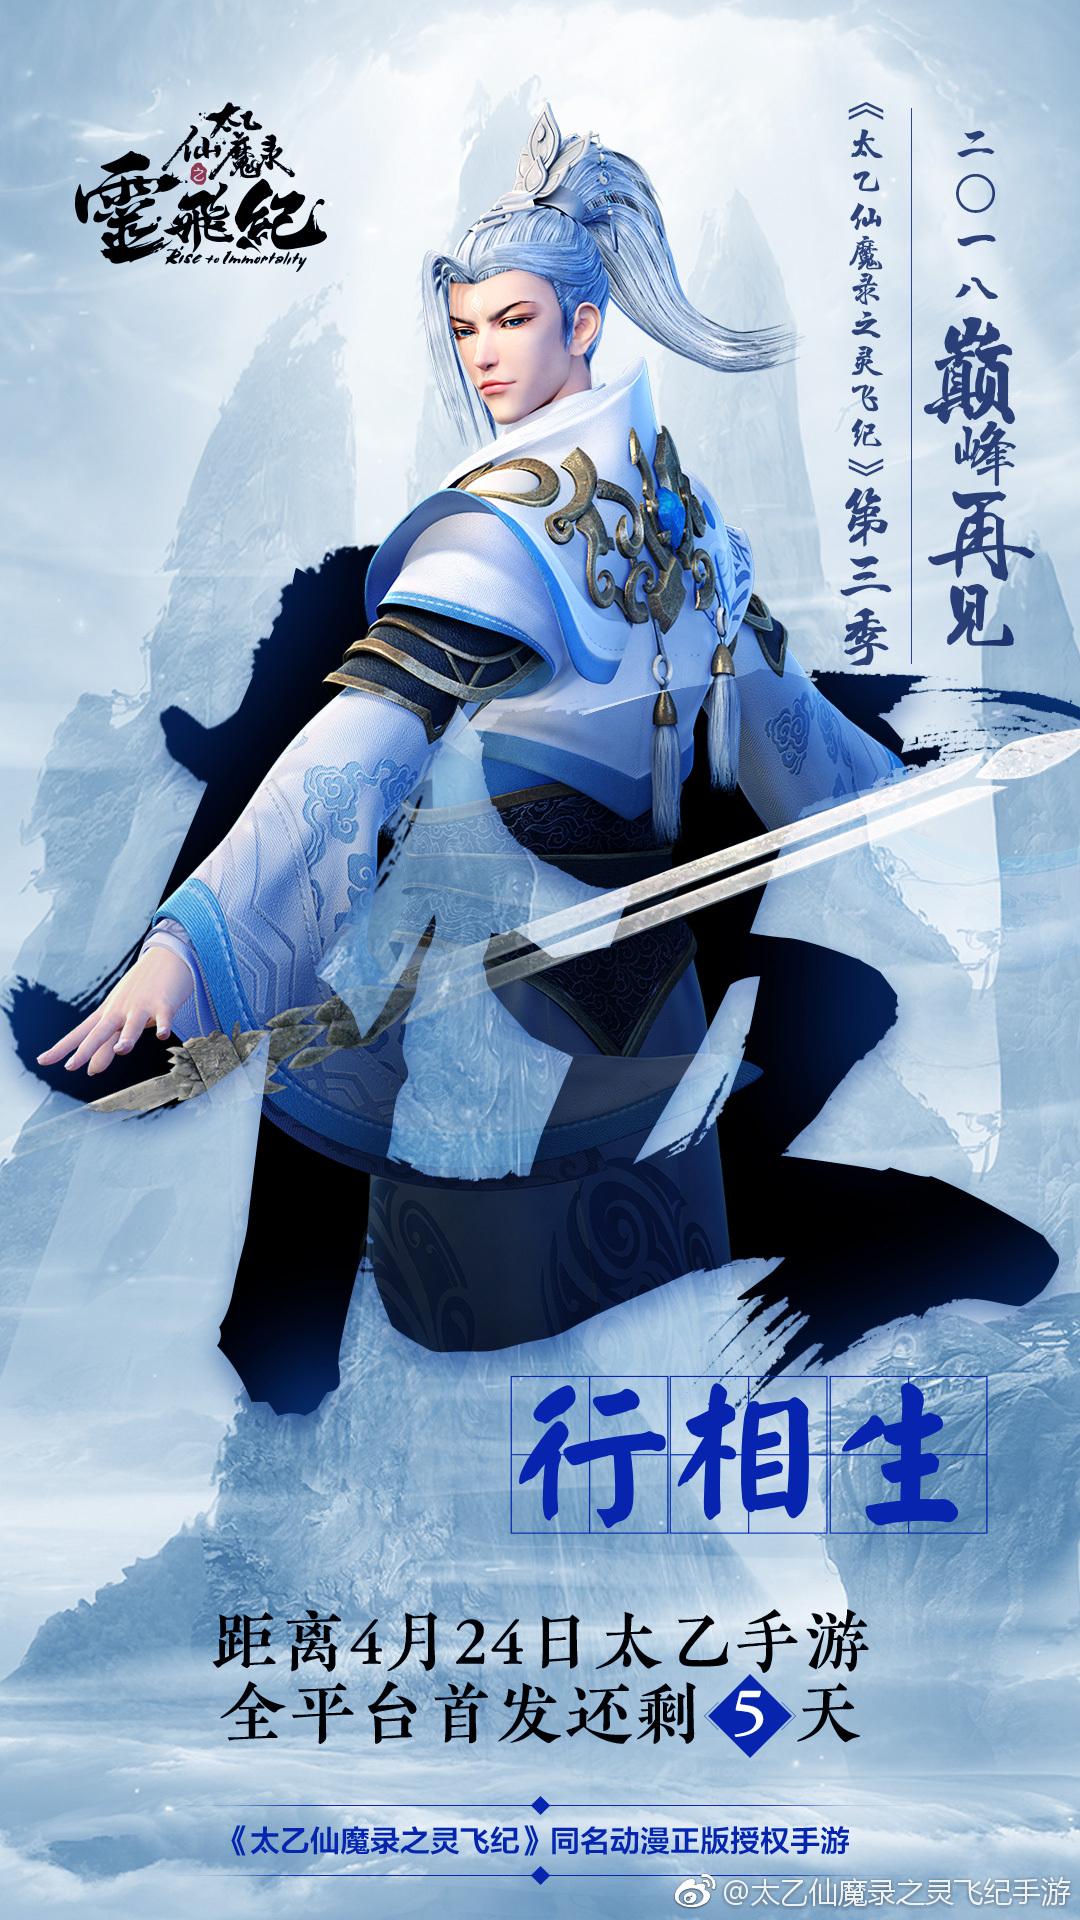 舞之动画太乙仙魔录之灵飞纪IP推出手游 七政游戏制作